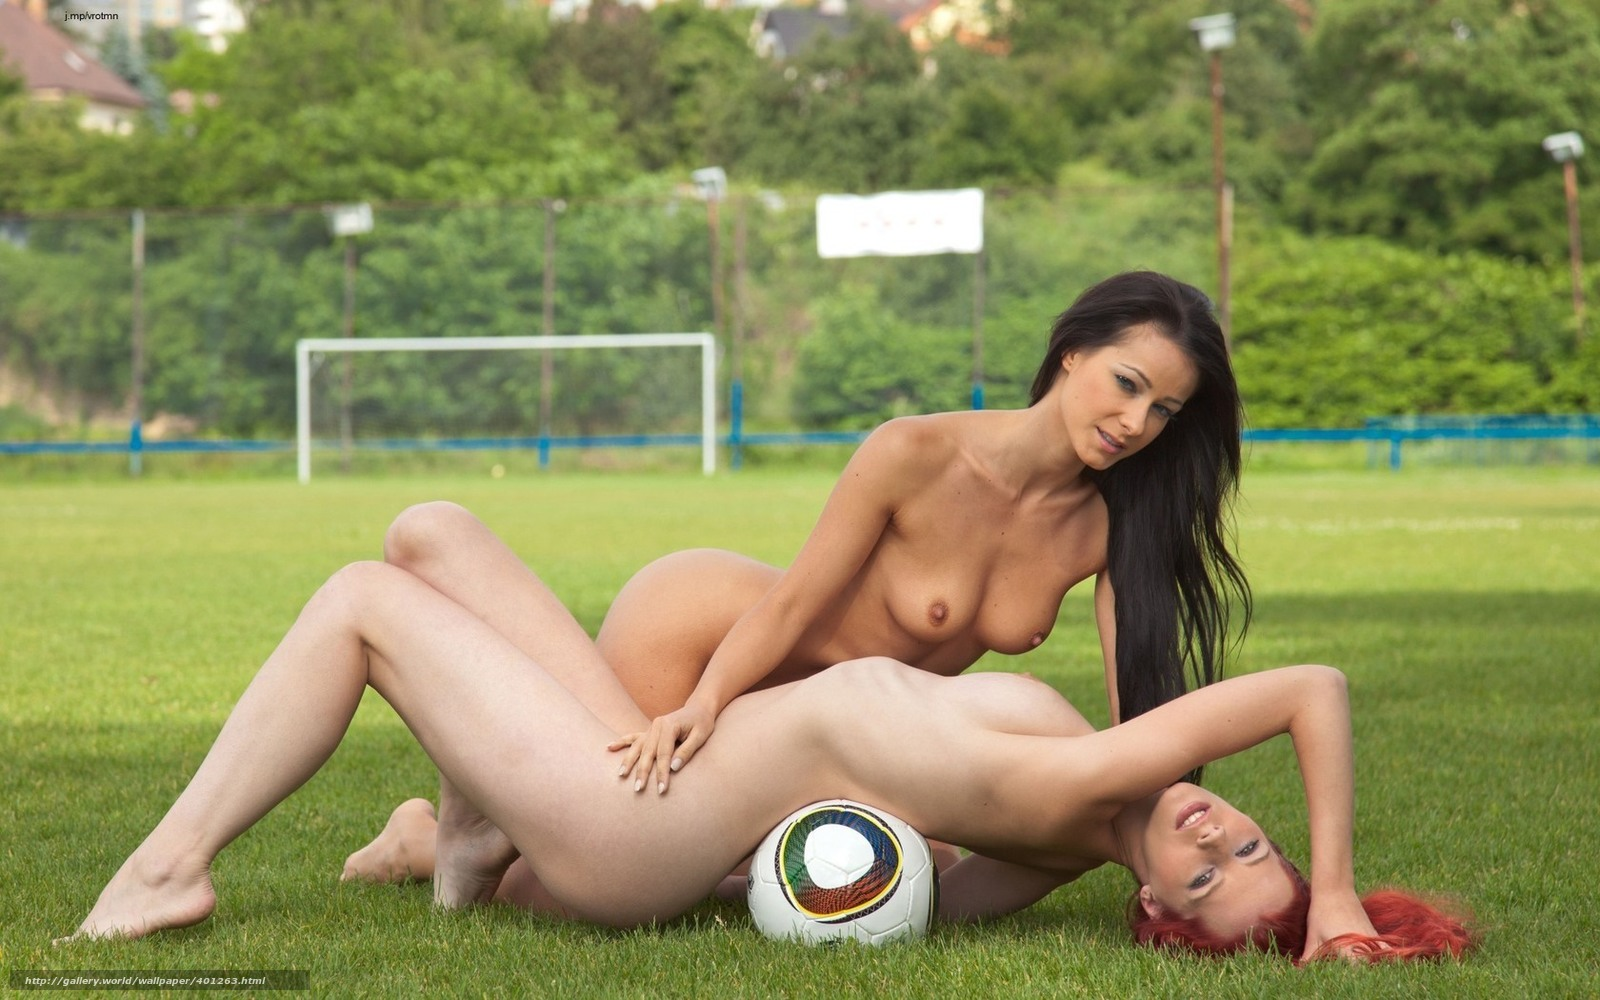 Сэкс на футбольным поле в россии 2 фотография